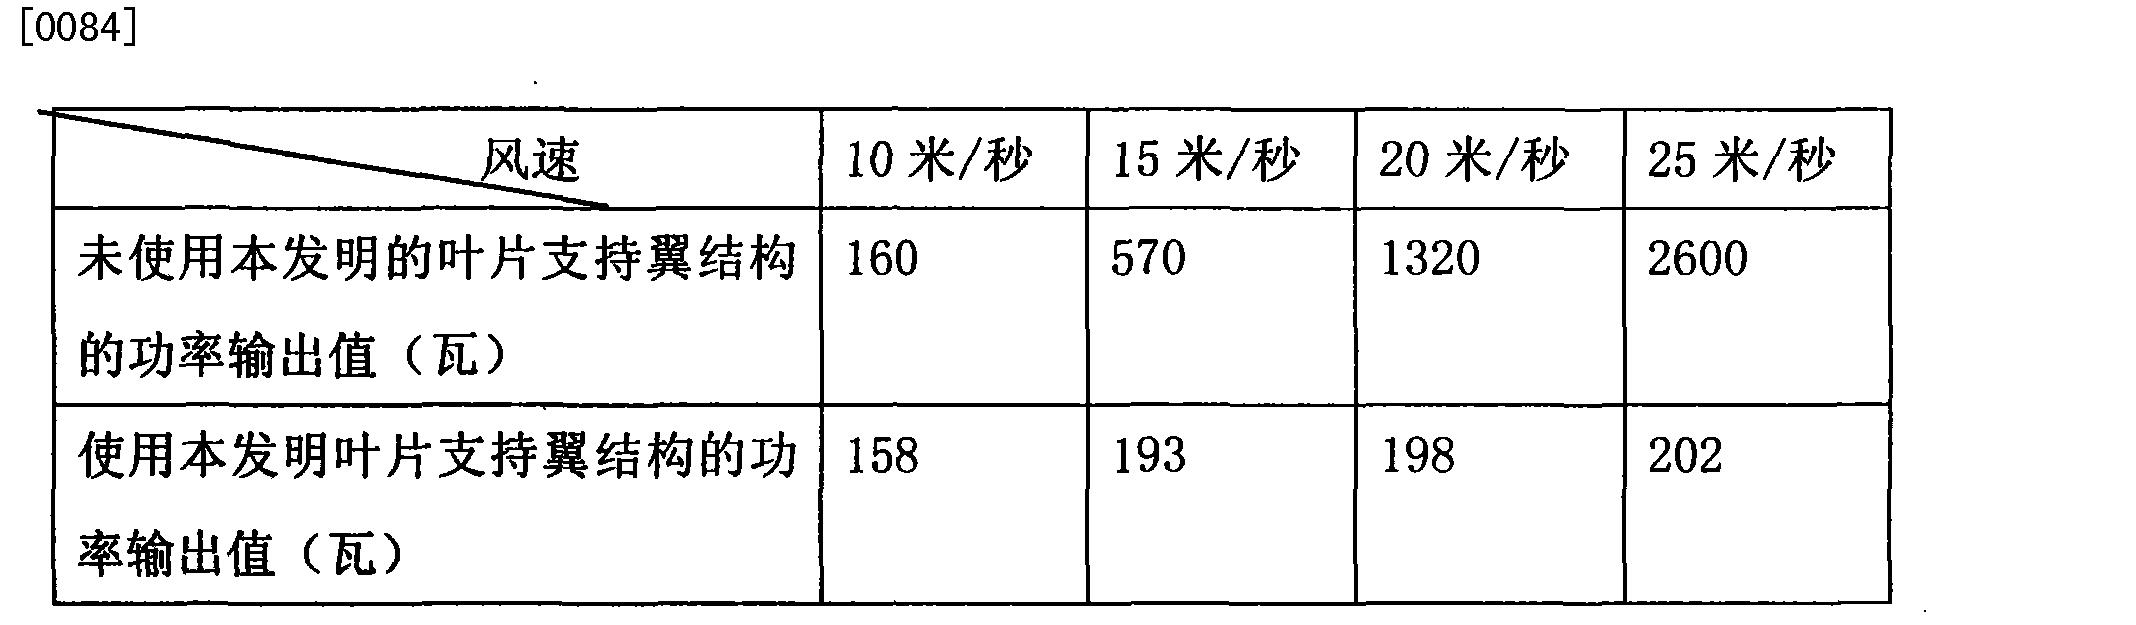 Figure CN101832225BD00102